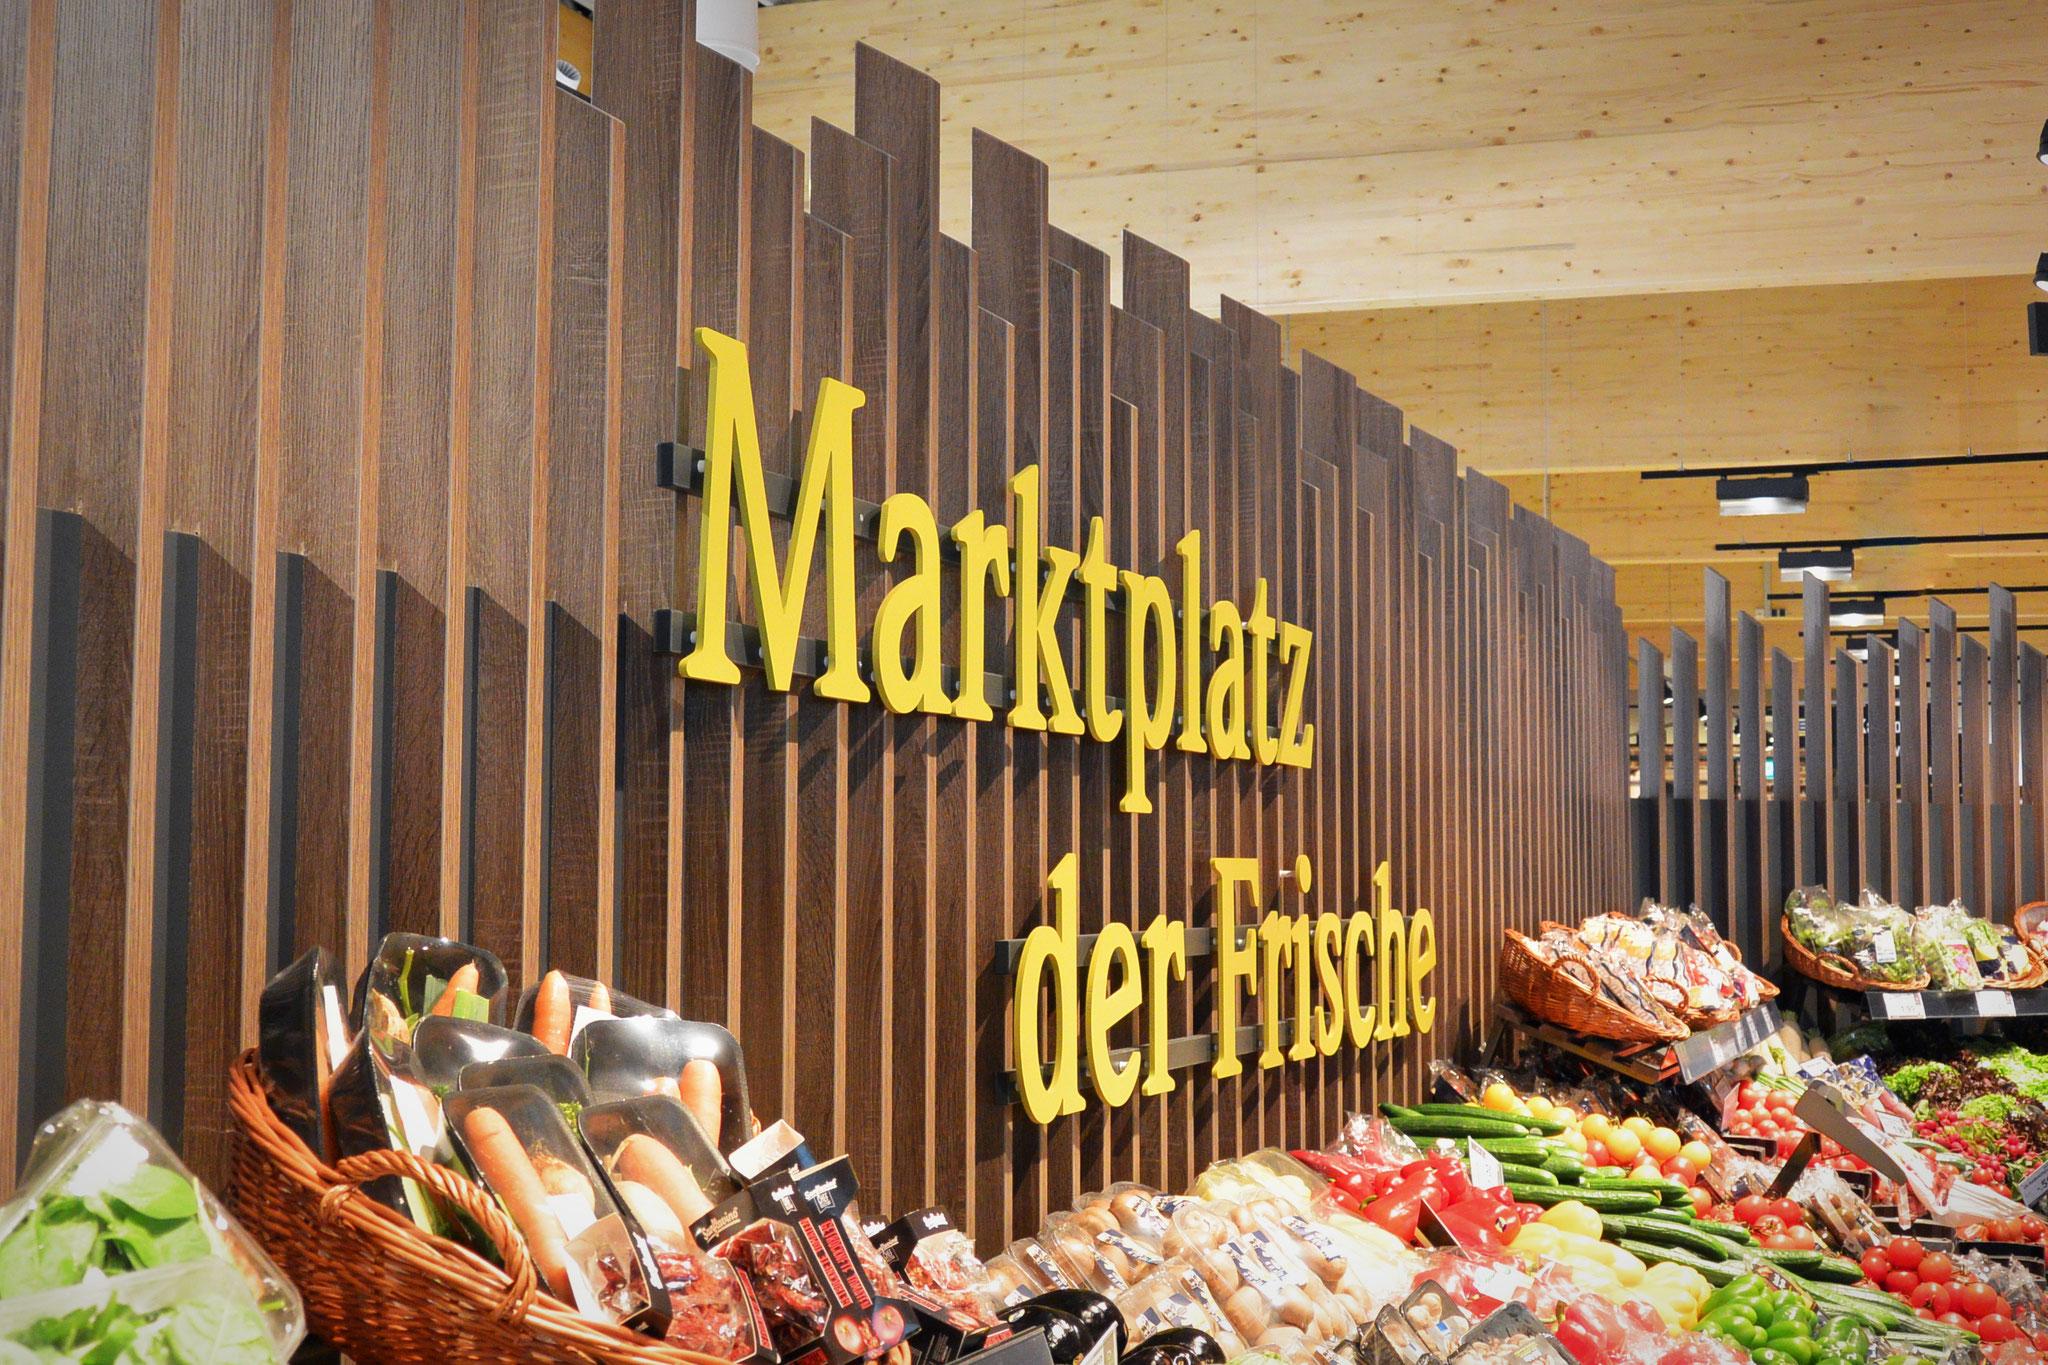 Ladenbau für Obst- und Gemüseabteilung mit einer Holzpaneel-Wandgestaltung, Ladeneinrichtung Obst- u. Gemüseabteilung mit Holzdpaneel, Raumgestaltung Ladenbau